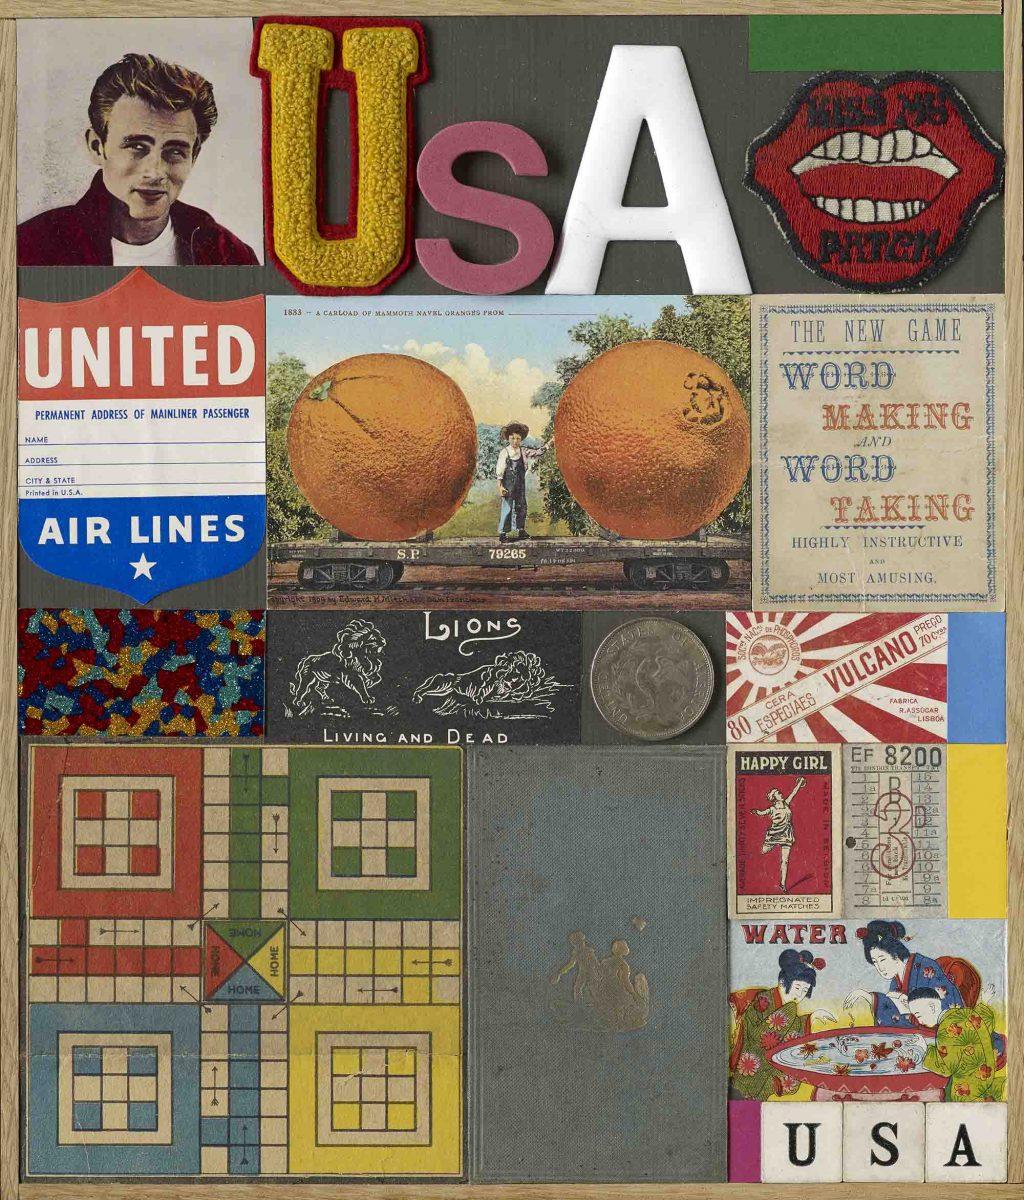 U.S.A. 4, 2013